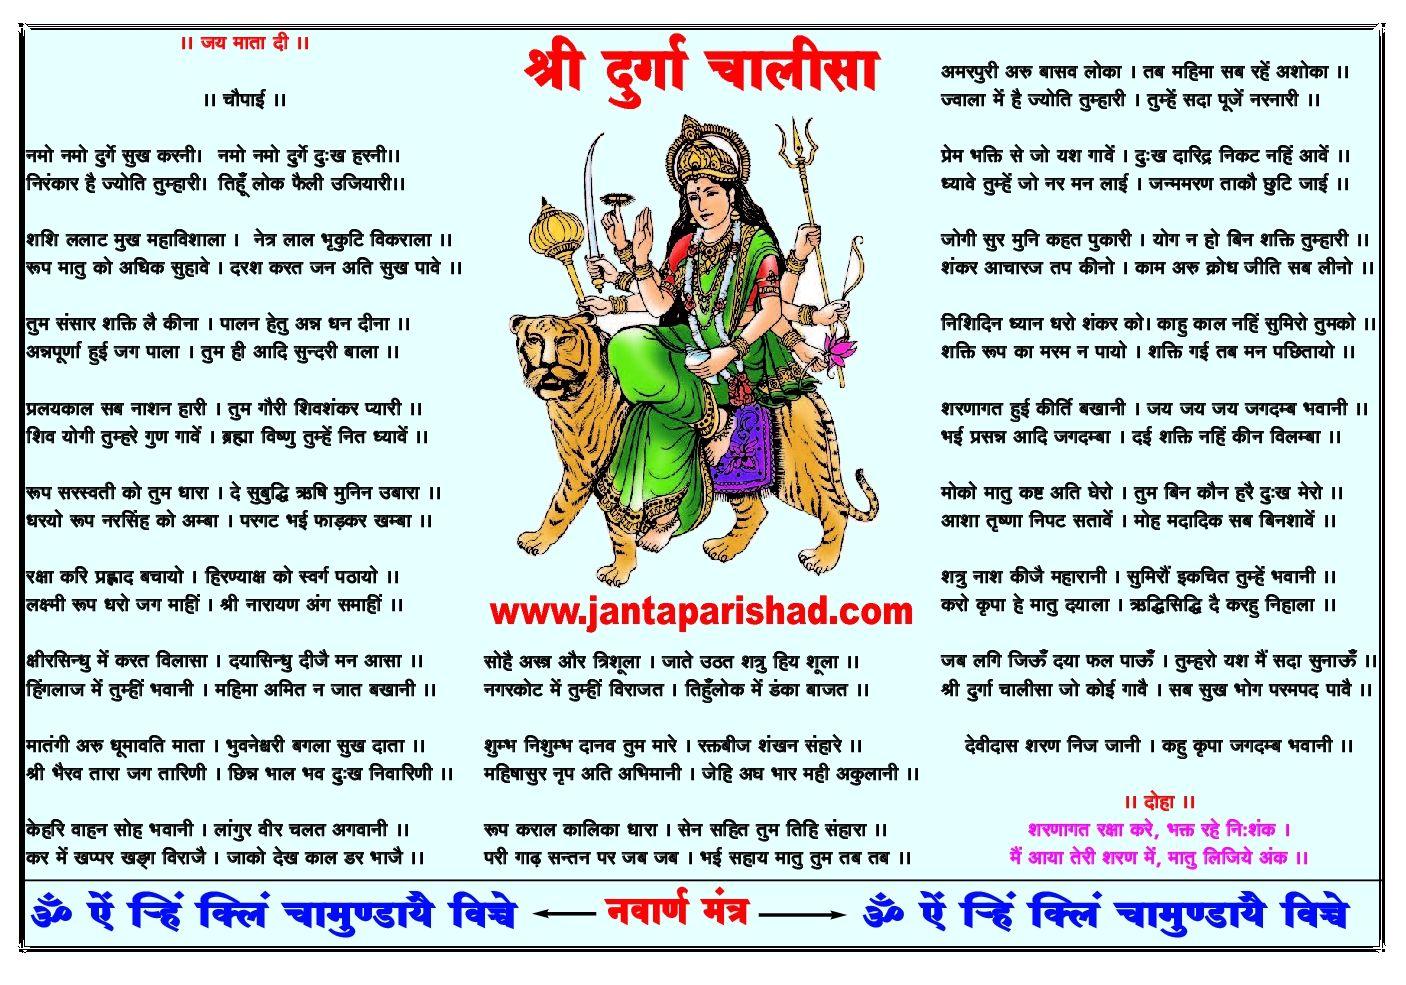 दुर्गा माता चालीसा